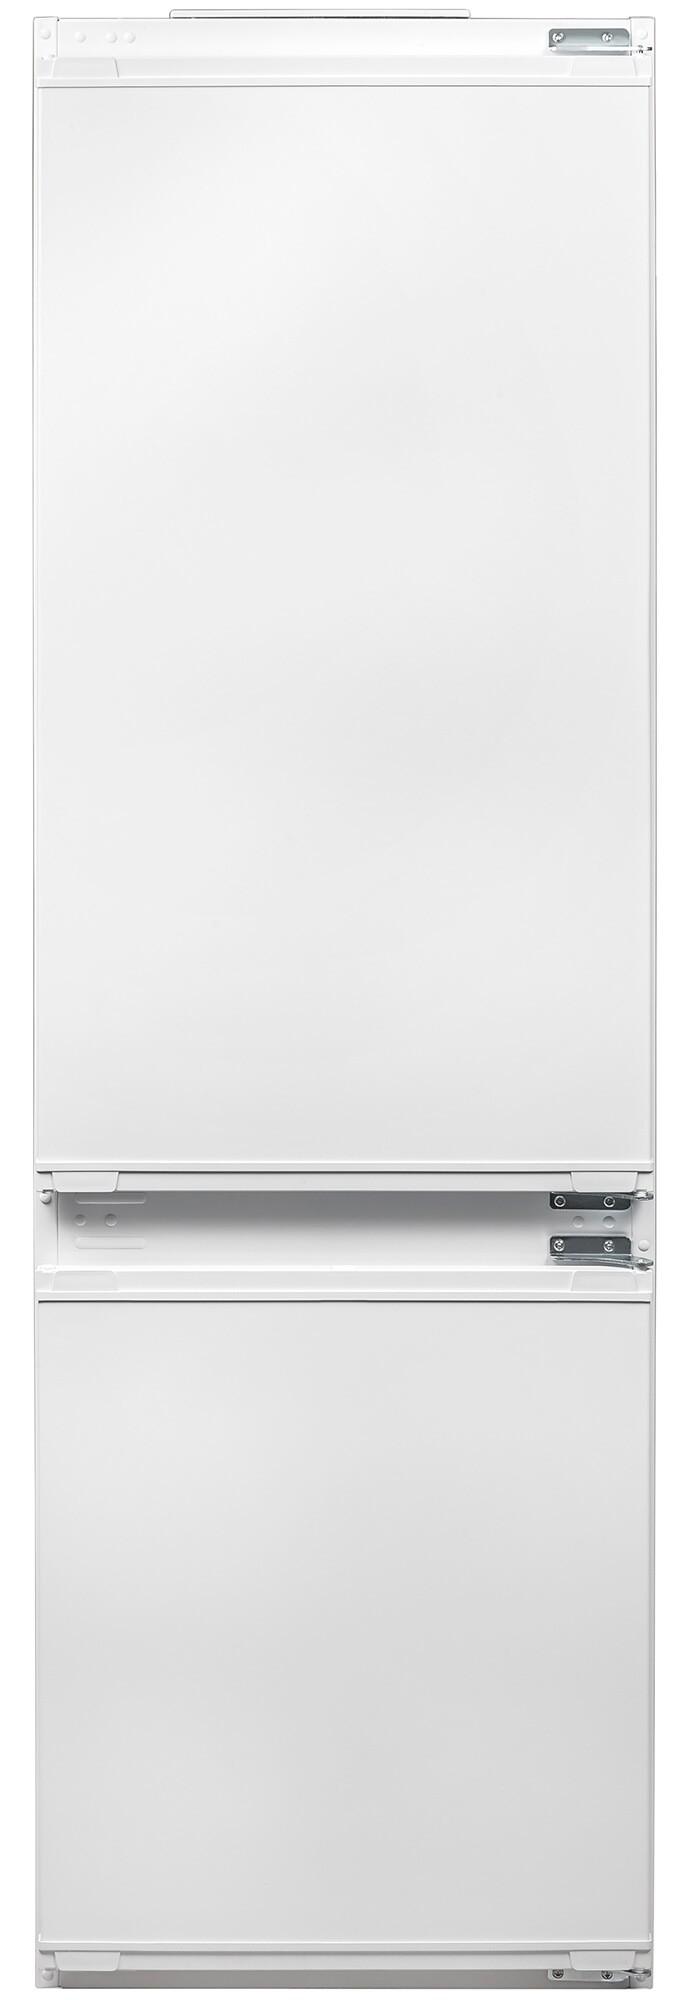 Combina frigorifica incorporabila Beko BCHA275K3SN